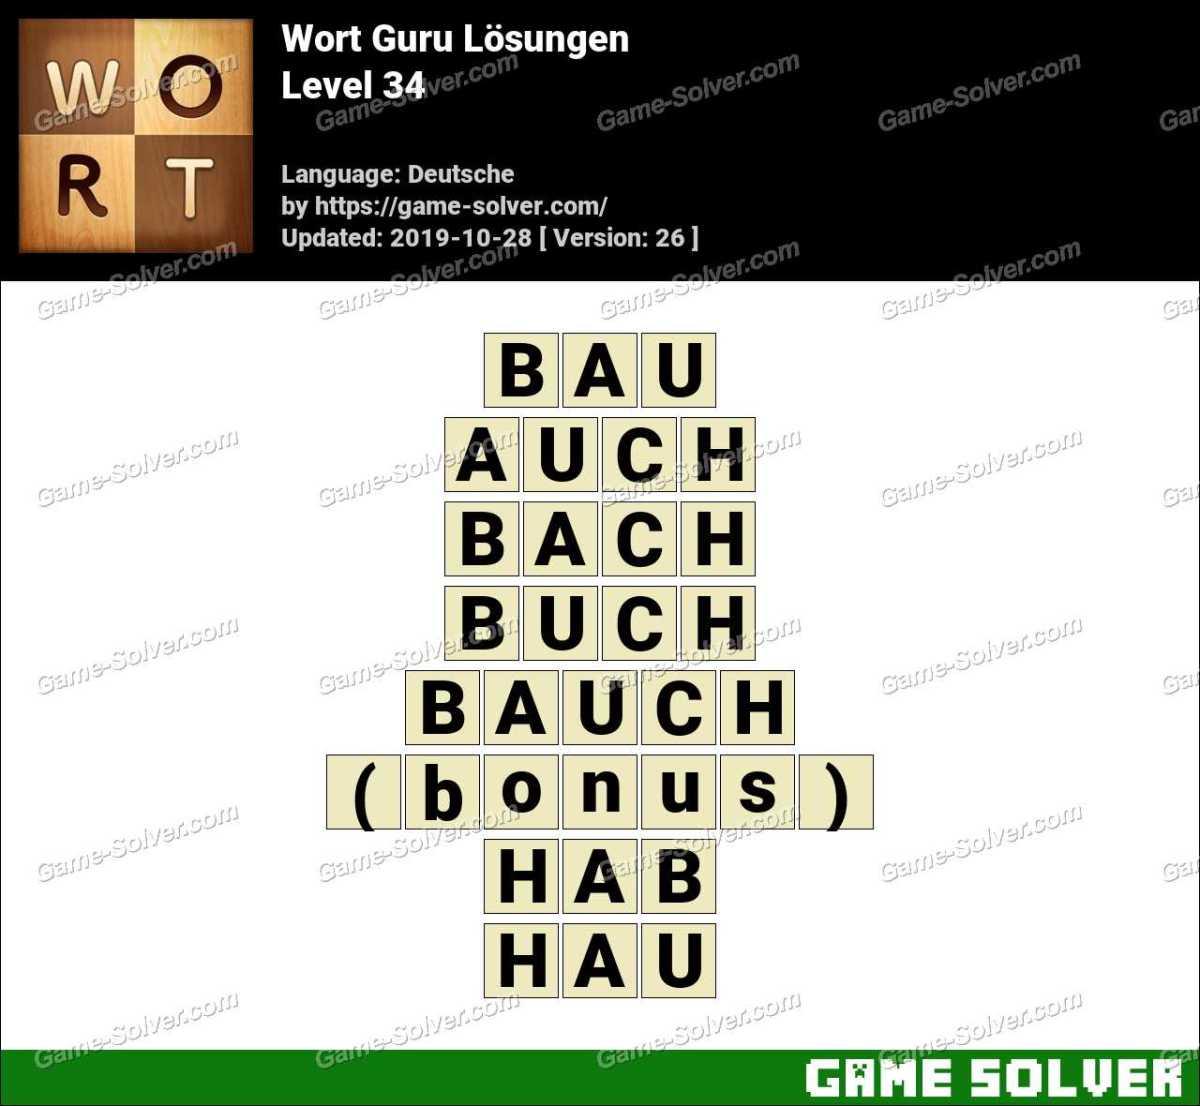 Wort Guru Level 34 Lösungen